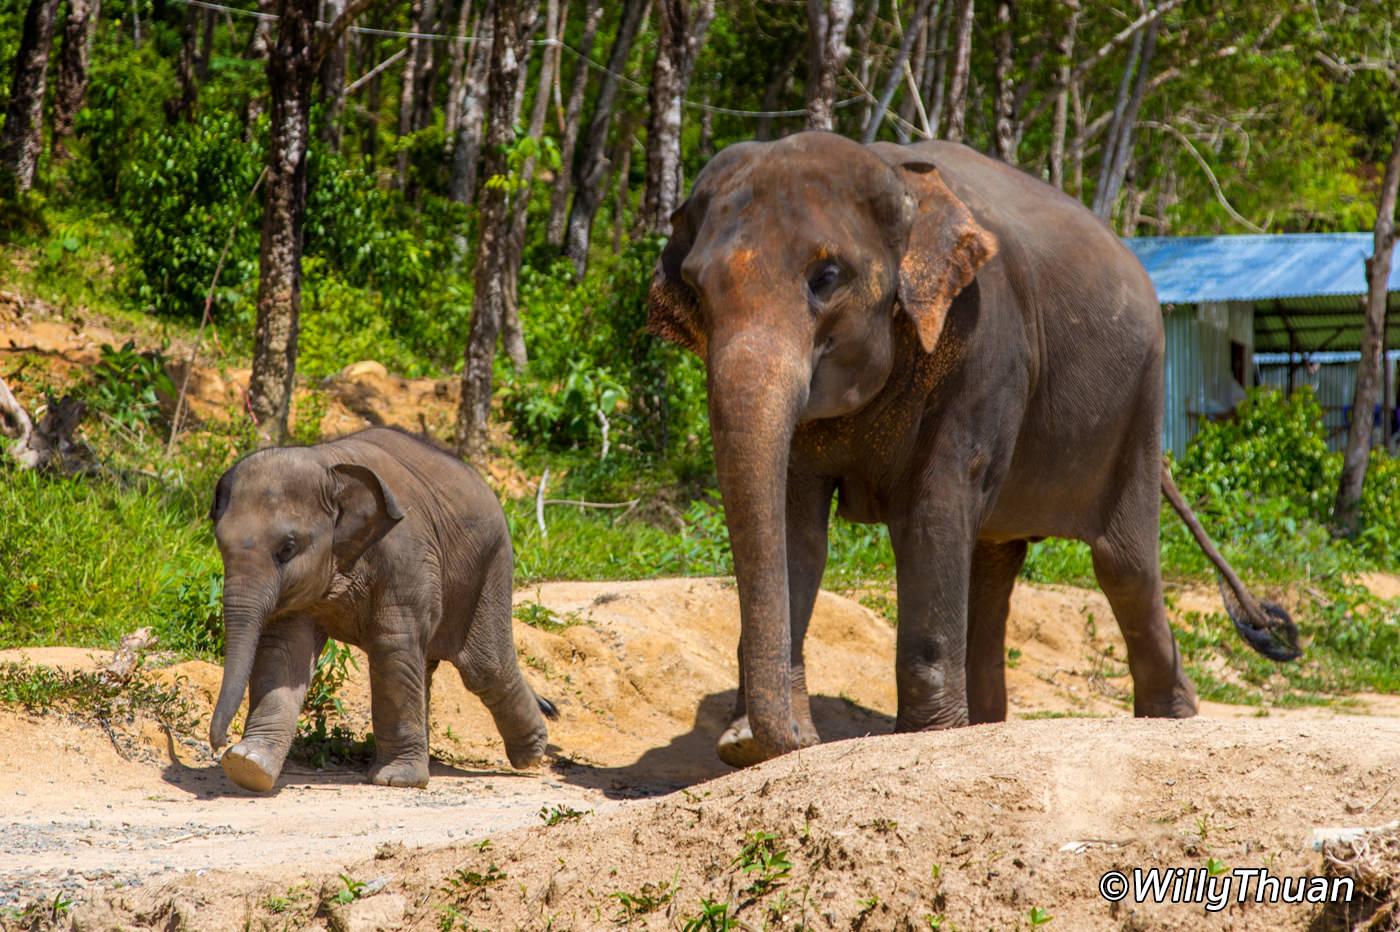 Elephant Jungle Sanctuary Phuket – Where to play with elephants in Phuket